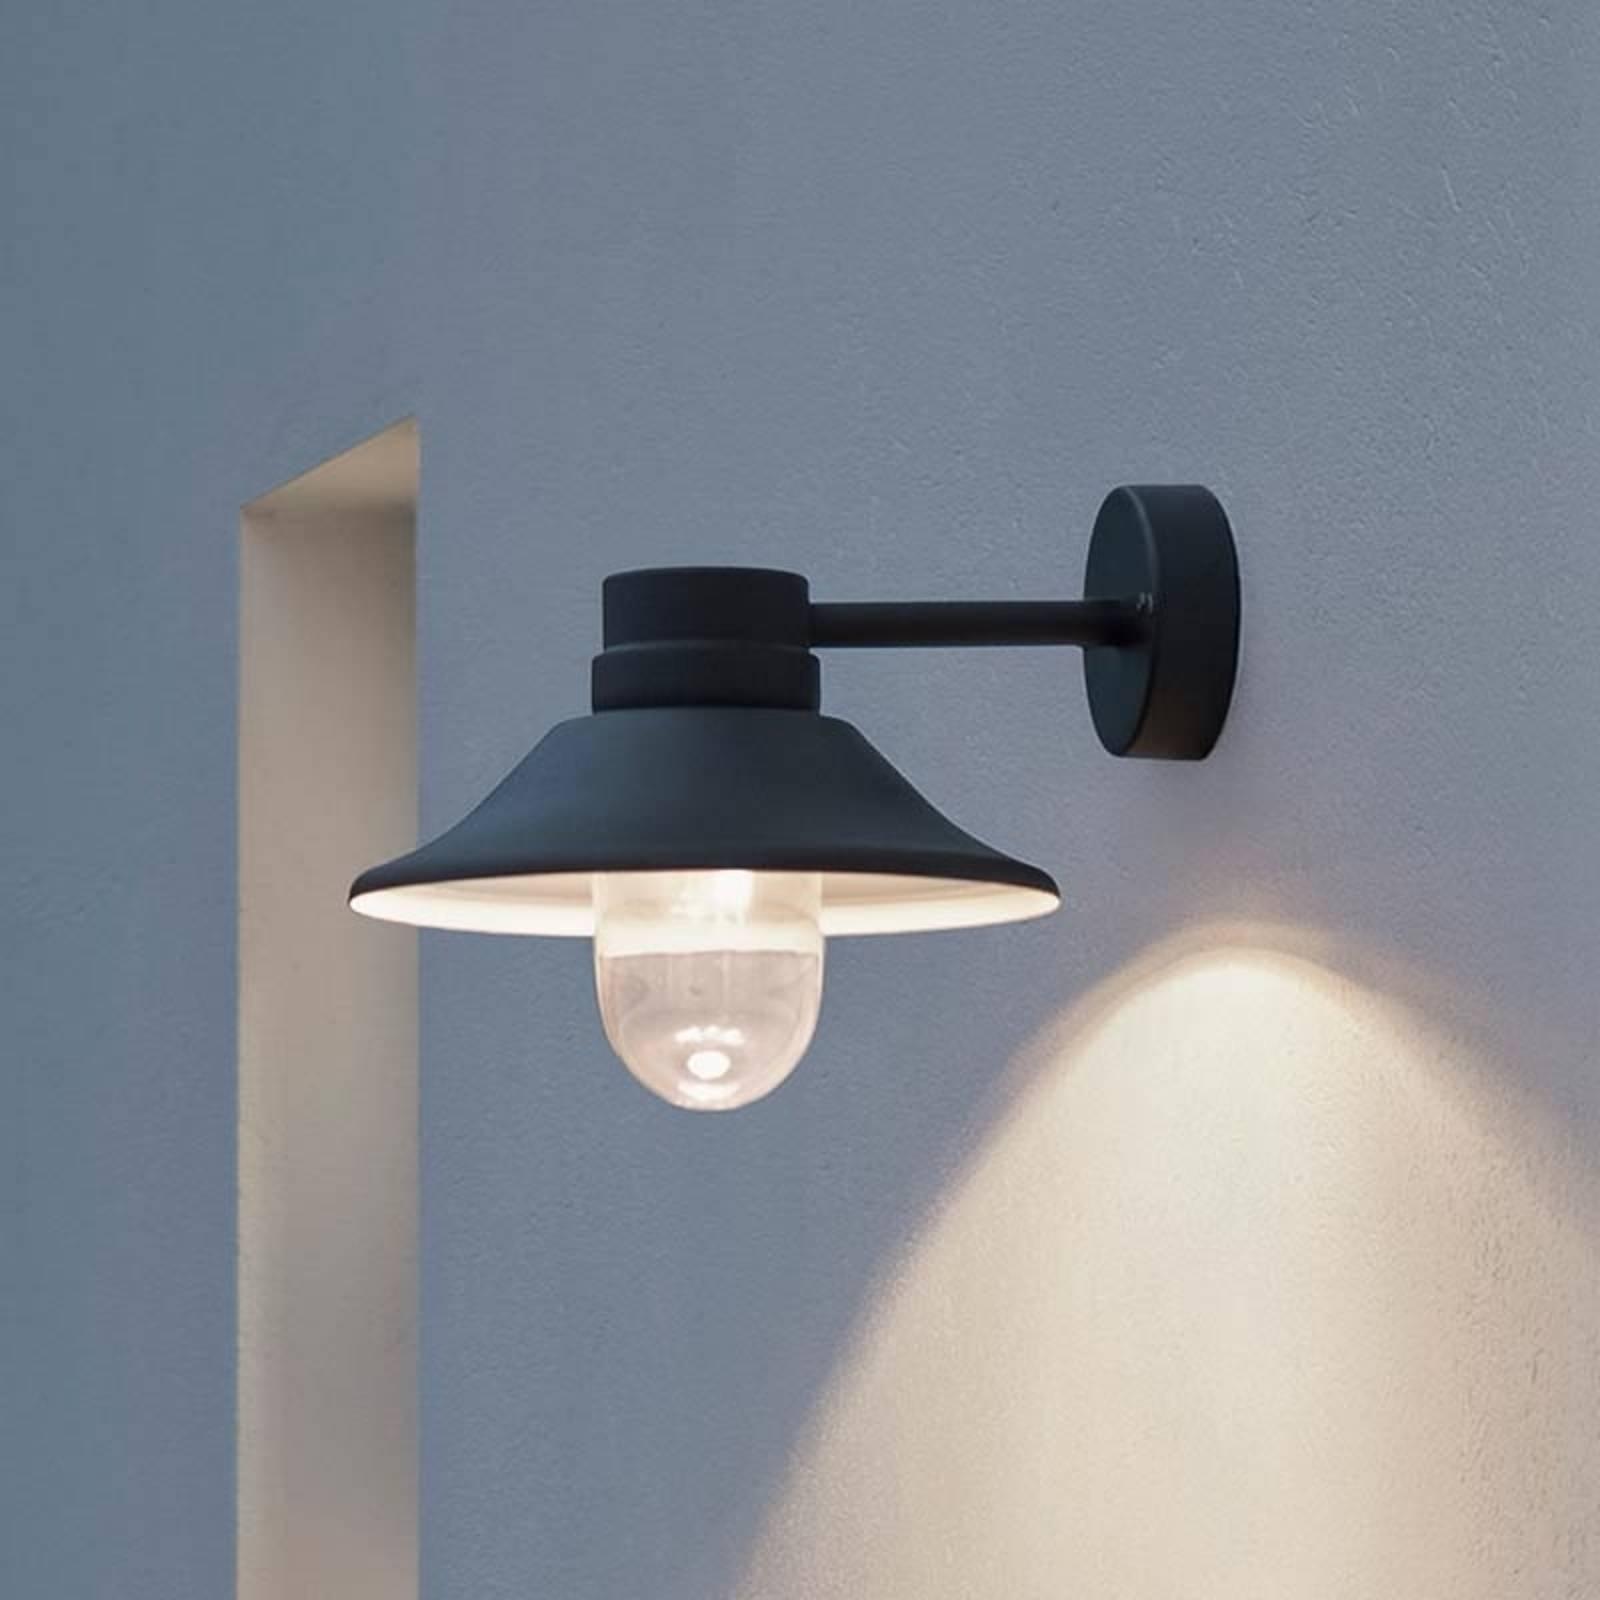 LED-ulkoseinälamppu Vega, musta